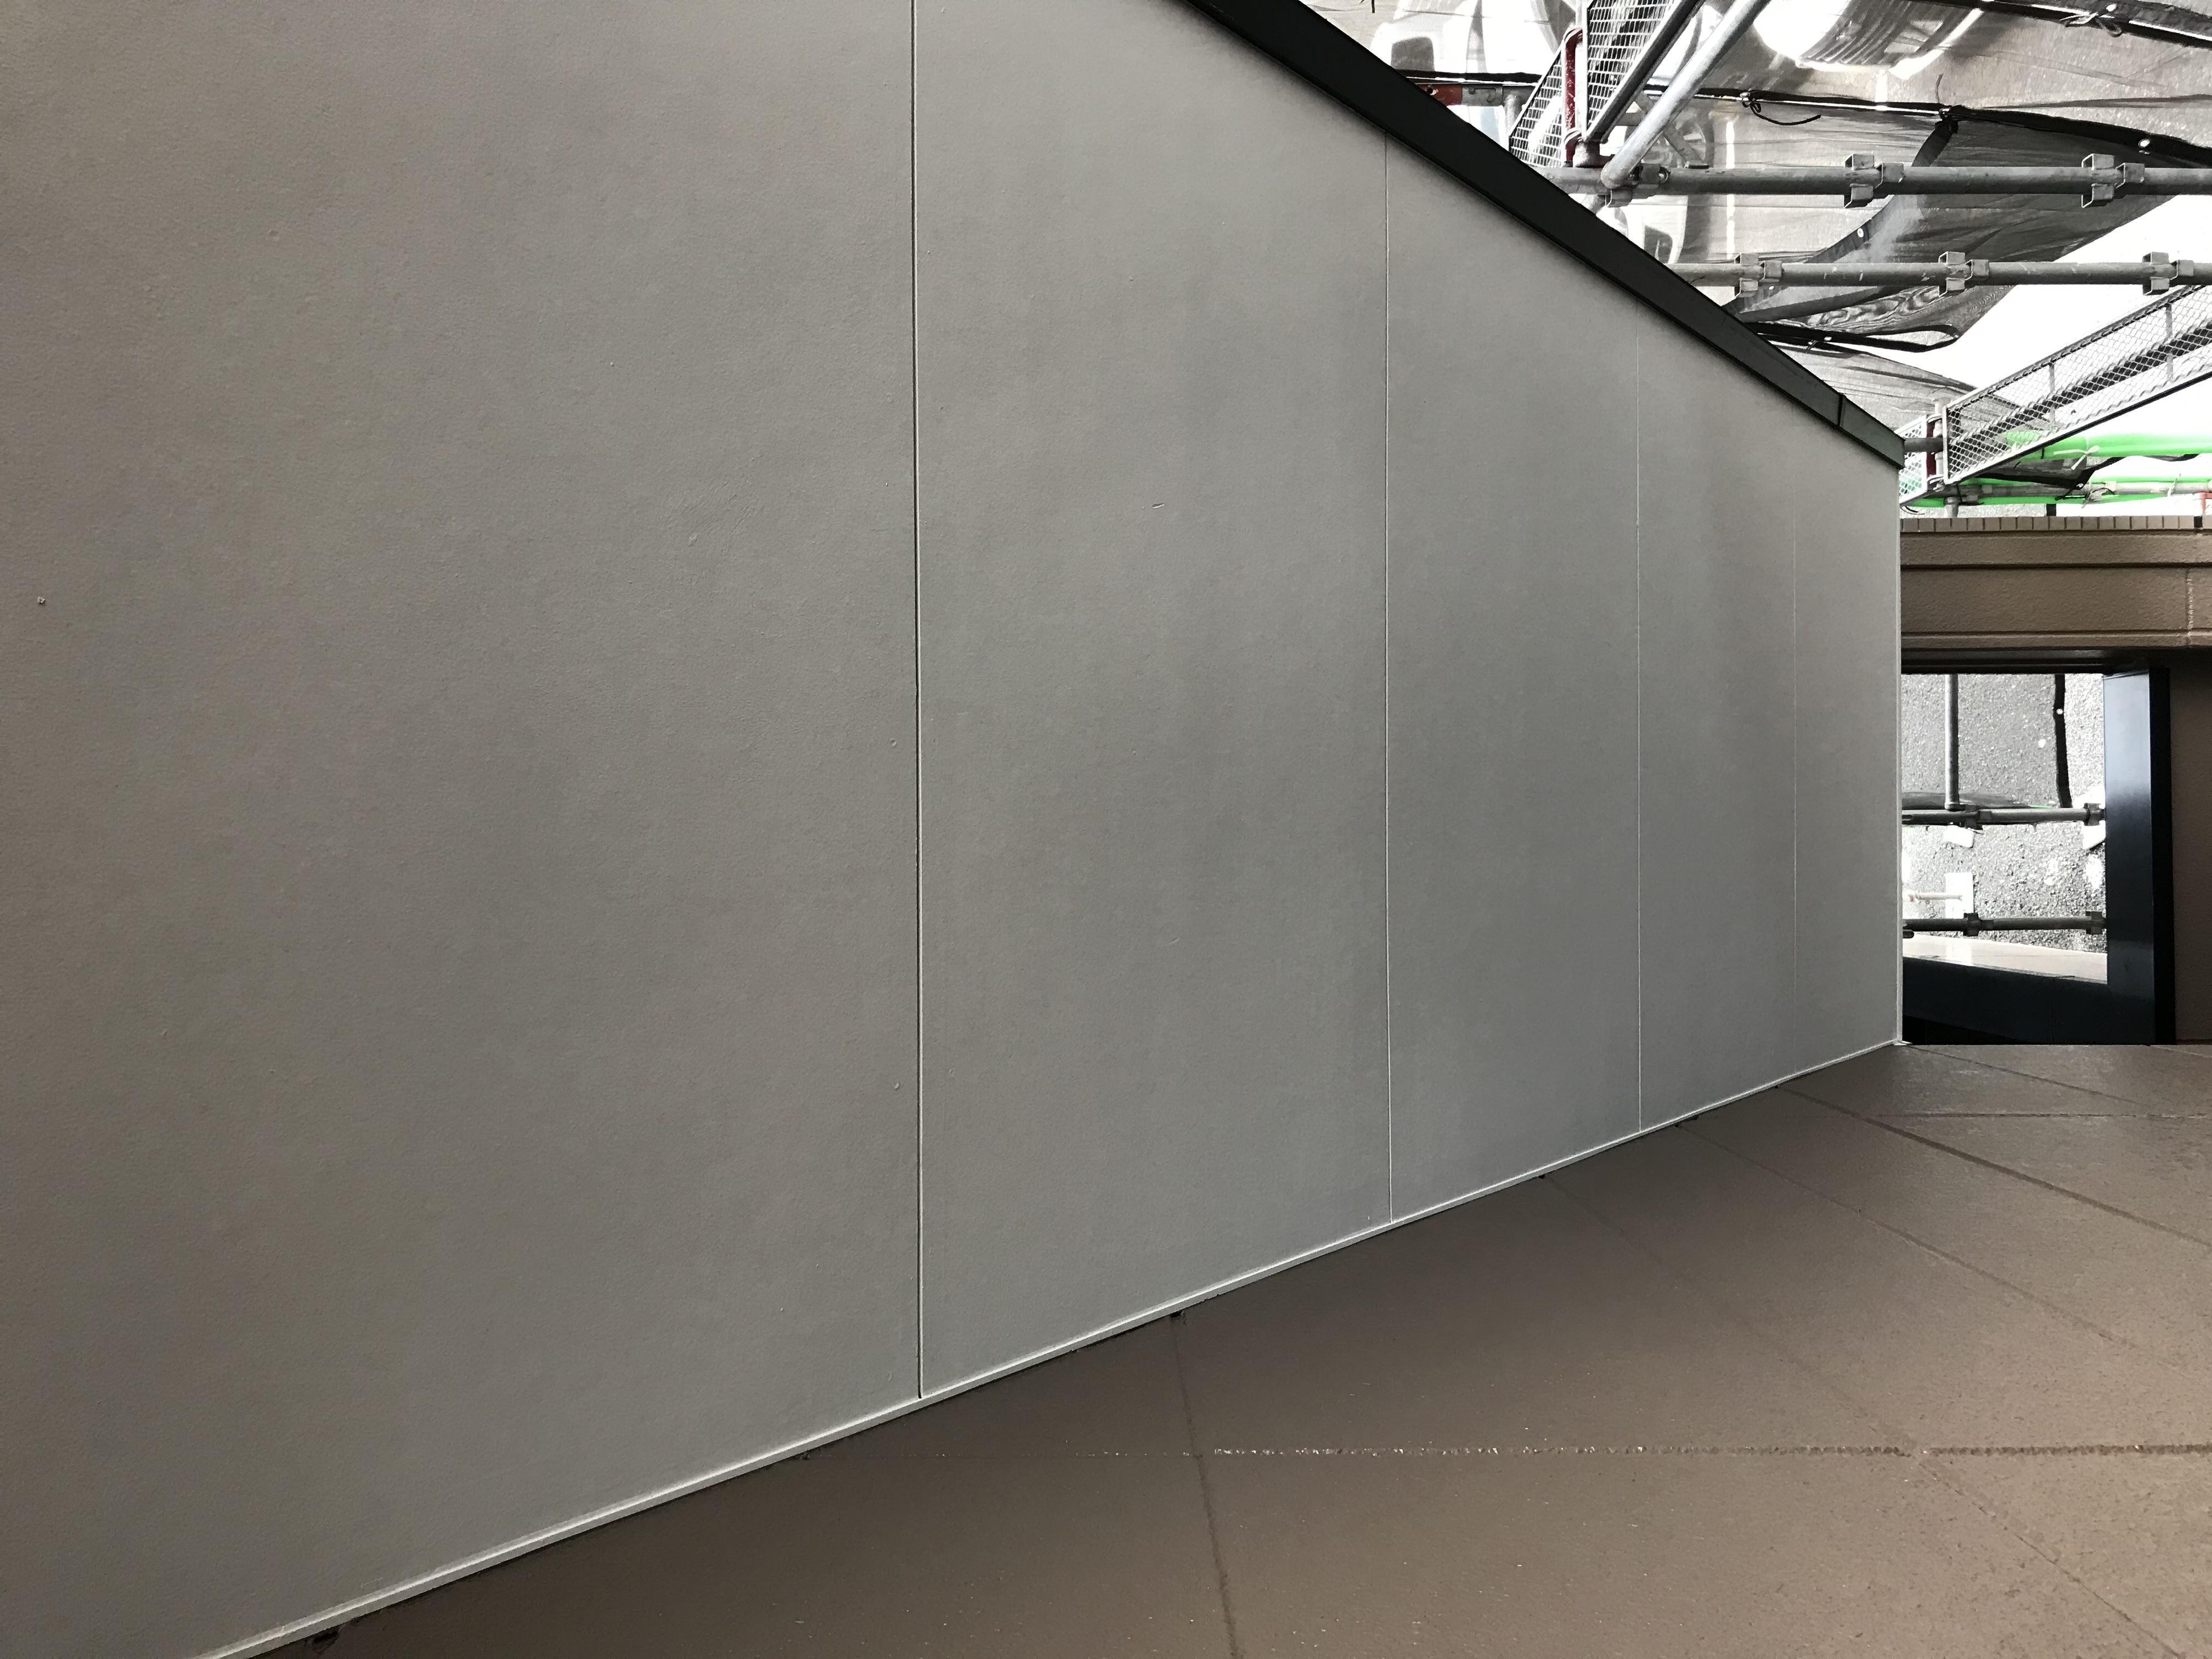 さいたま市北区マンション外壁塗装1Fから2Fの天井